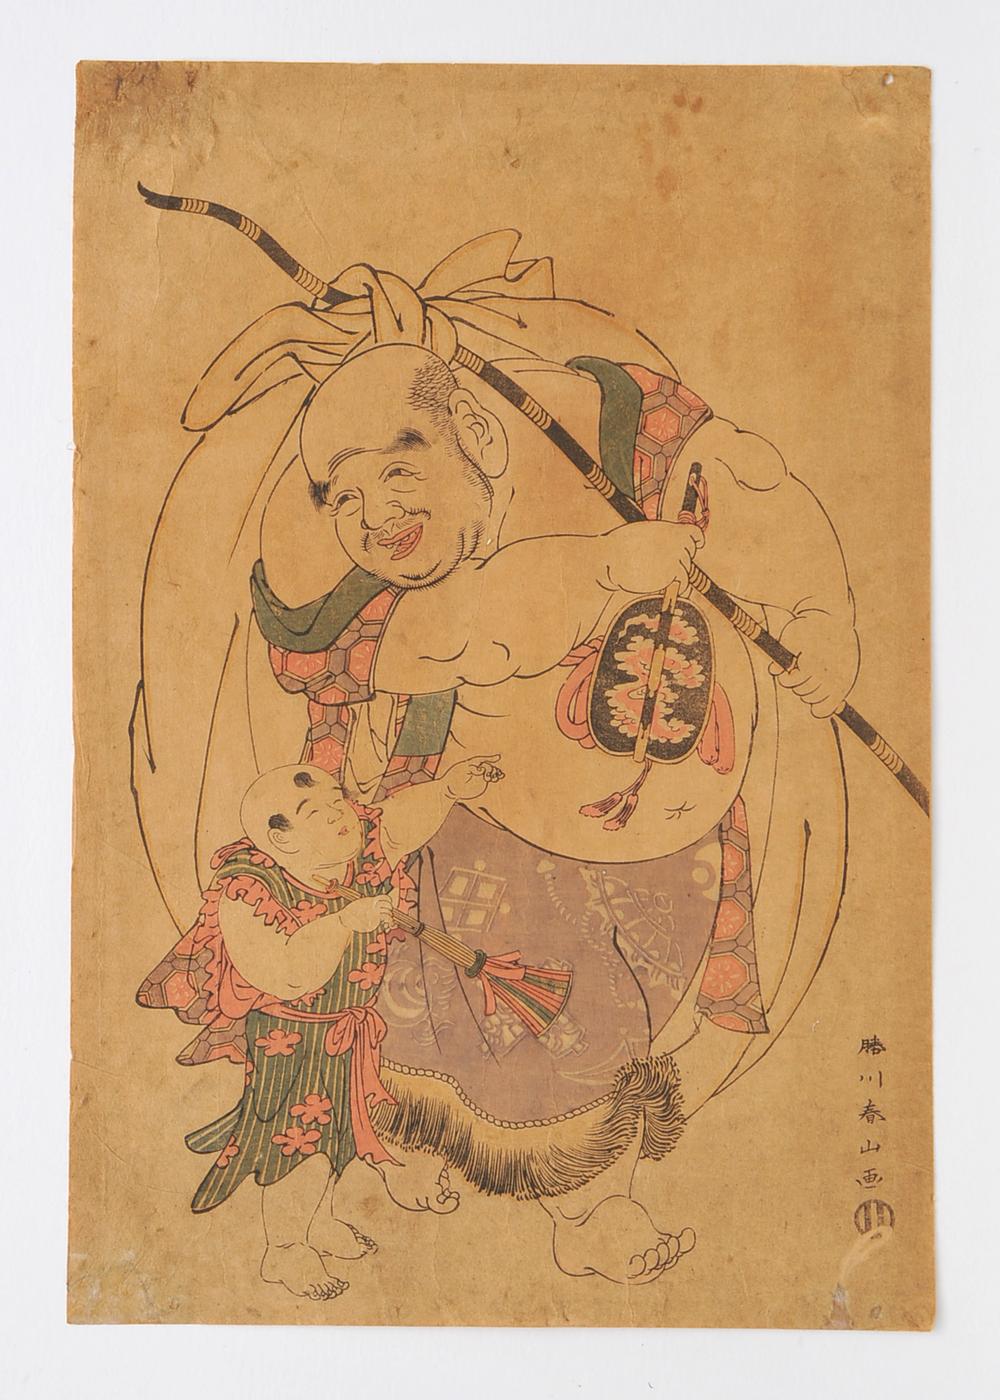 Hotei, einer der Glücksgötter, mit Kind